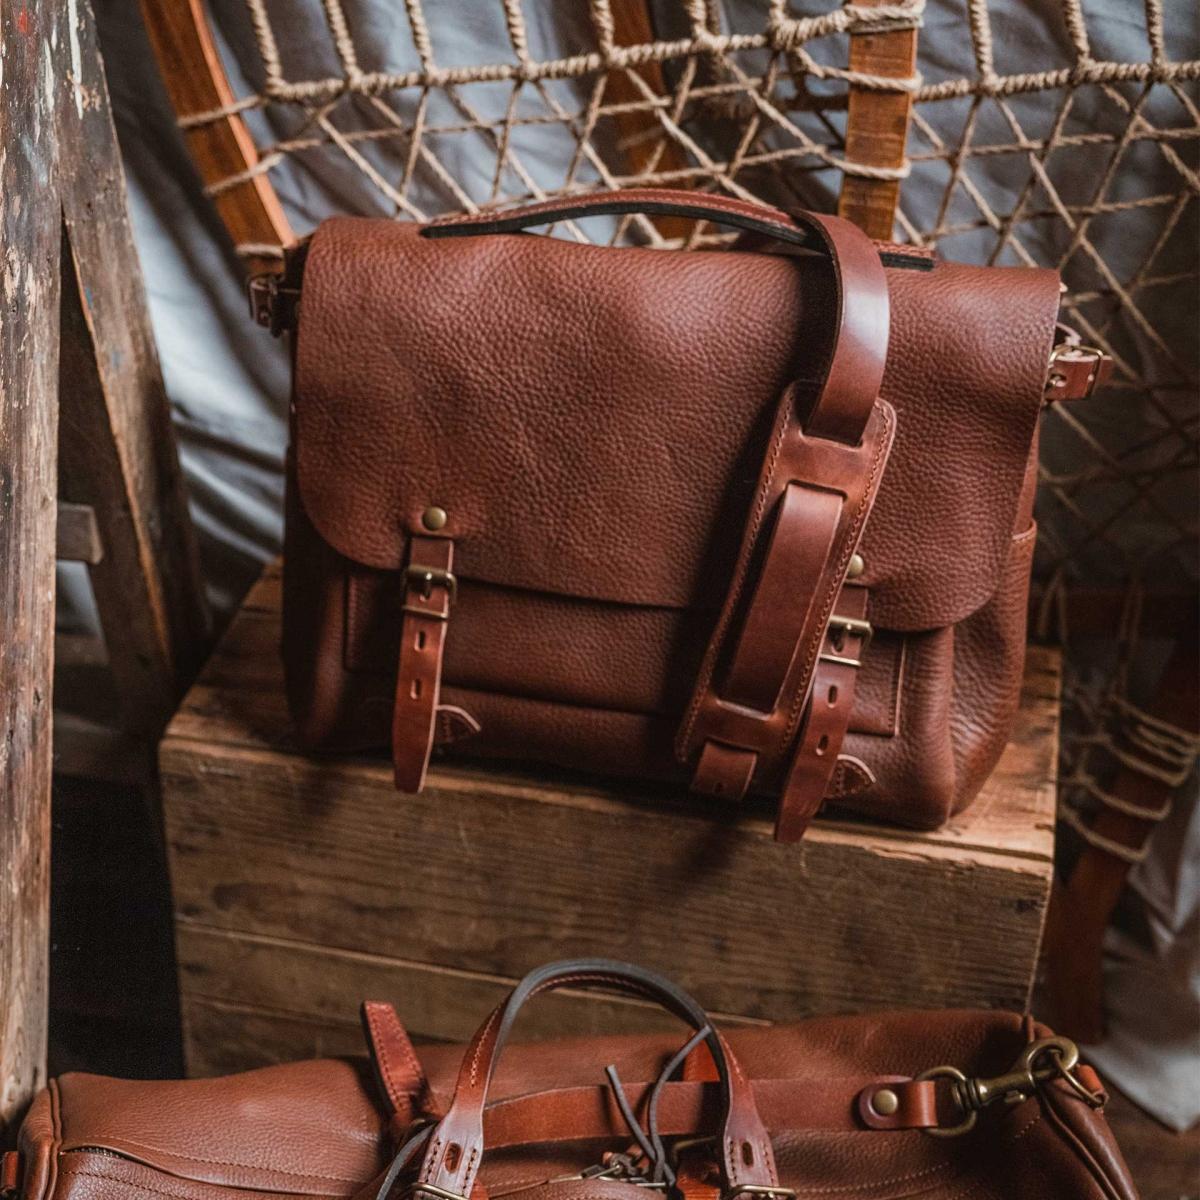 Postman bag Eclair M - Dark Brown (image n°5)